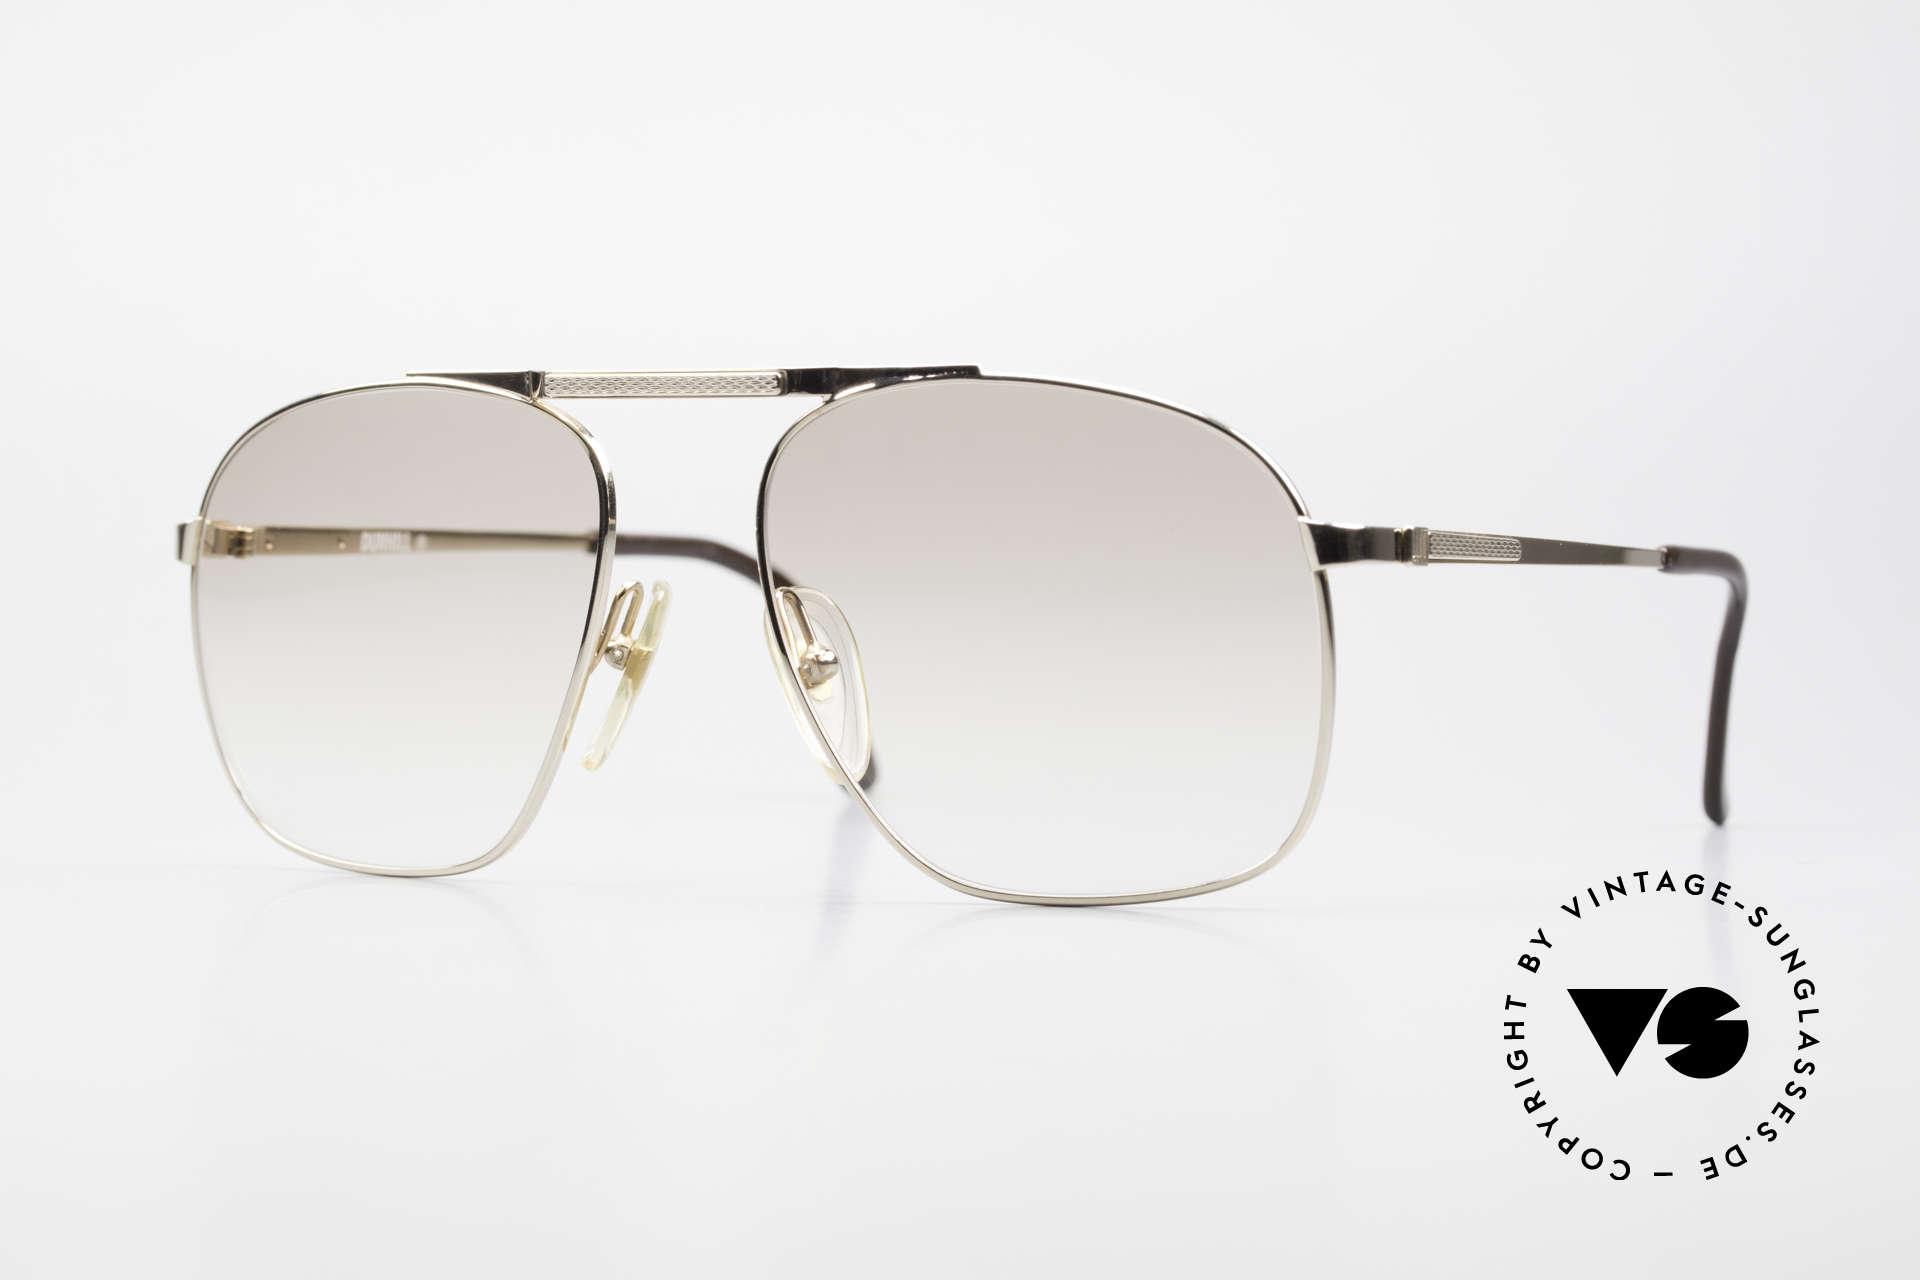 Dunhill 6046 80er Herrenbrille Vergoldet, die 80er Jahre Dunhill Kollektion = ein Inbegriff von Stil, Passend für Herren